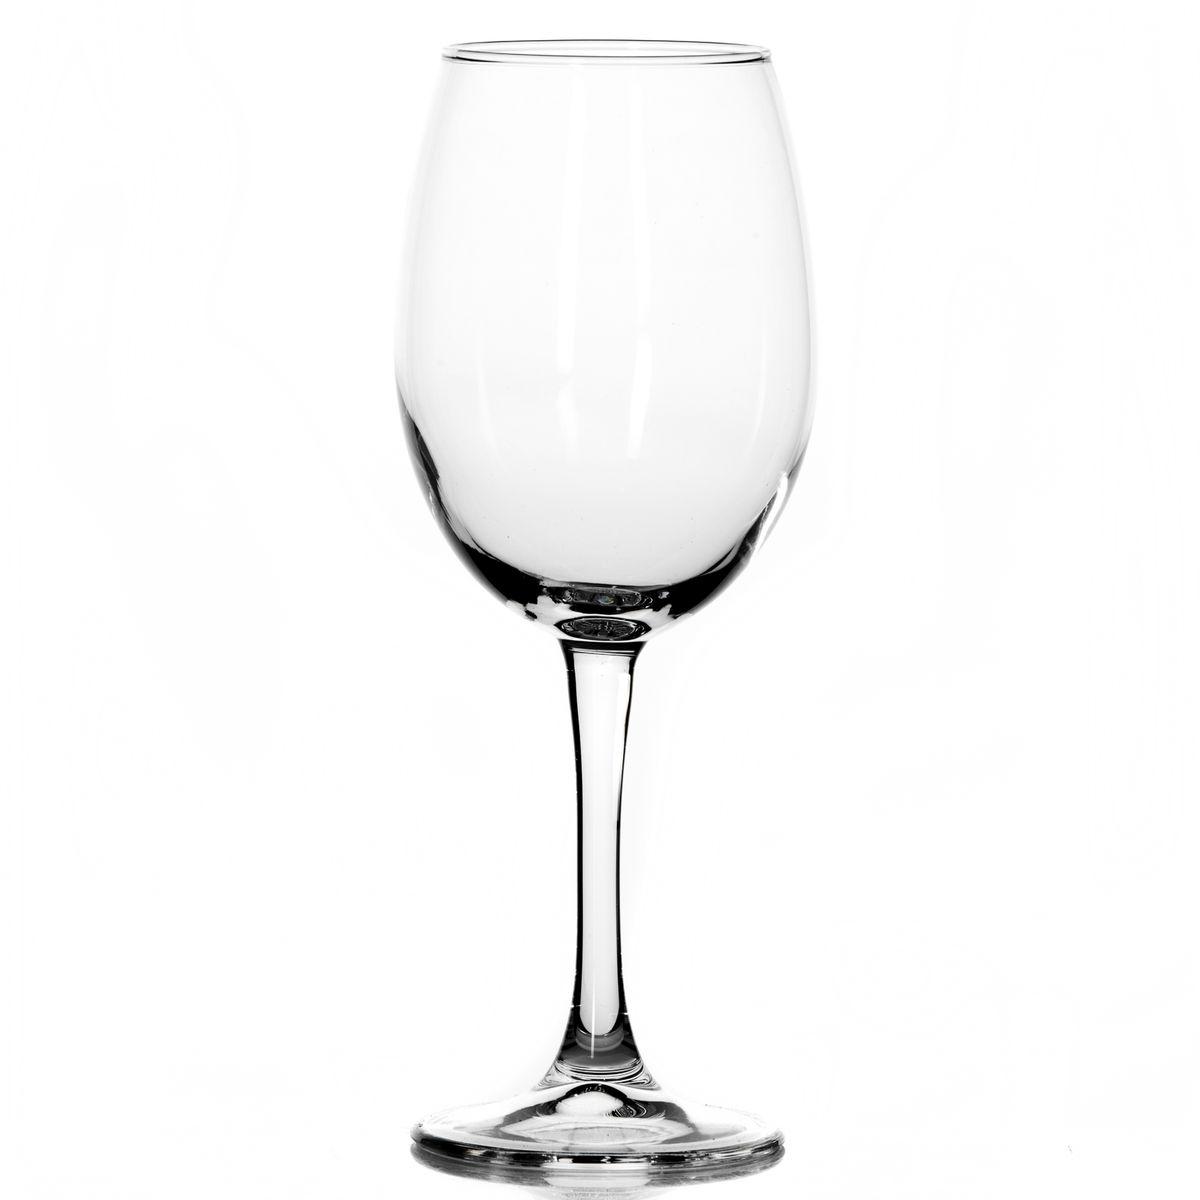 Набор бокалов для вина Pasabahce Classique, 445 мл, 2 шт440152BНабор Pasabahce Classique состоит из двух бокалов, выполненных из прочного натрий-кальций-силикатного стекла. Изделия оснащены изящными ножками и предназначены для подачи вина. Бокалы сочетают в себе элегантный дизайн и функциональность. Благодаря такому набору пить напитки будет еще вкуснее. Набор бокалов Pasabahce Classique прекрасно оформит праздничный стол и создаст приятную атмосферу за ужином. Такой набор также станет хорошим подарком к любому случаю. Можно мыть в посудомоечной машине и использовать в микроволновой печи. Диаметр бокала (по верхнему краю): 6 см. Высота бокала: 22 см.